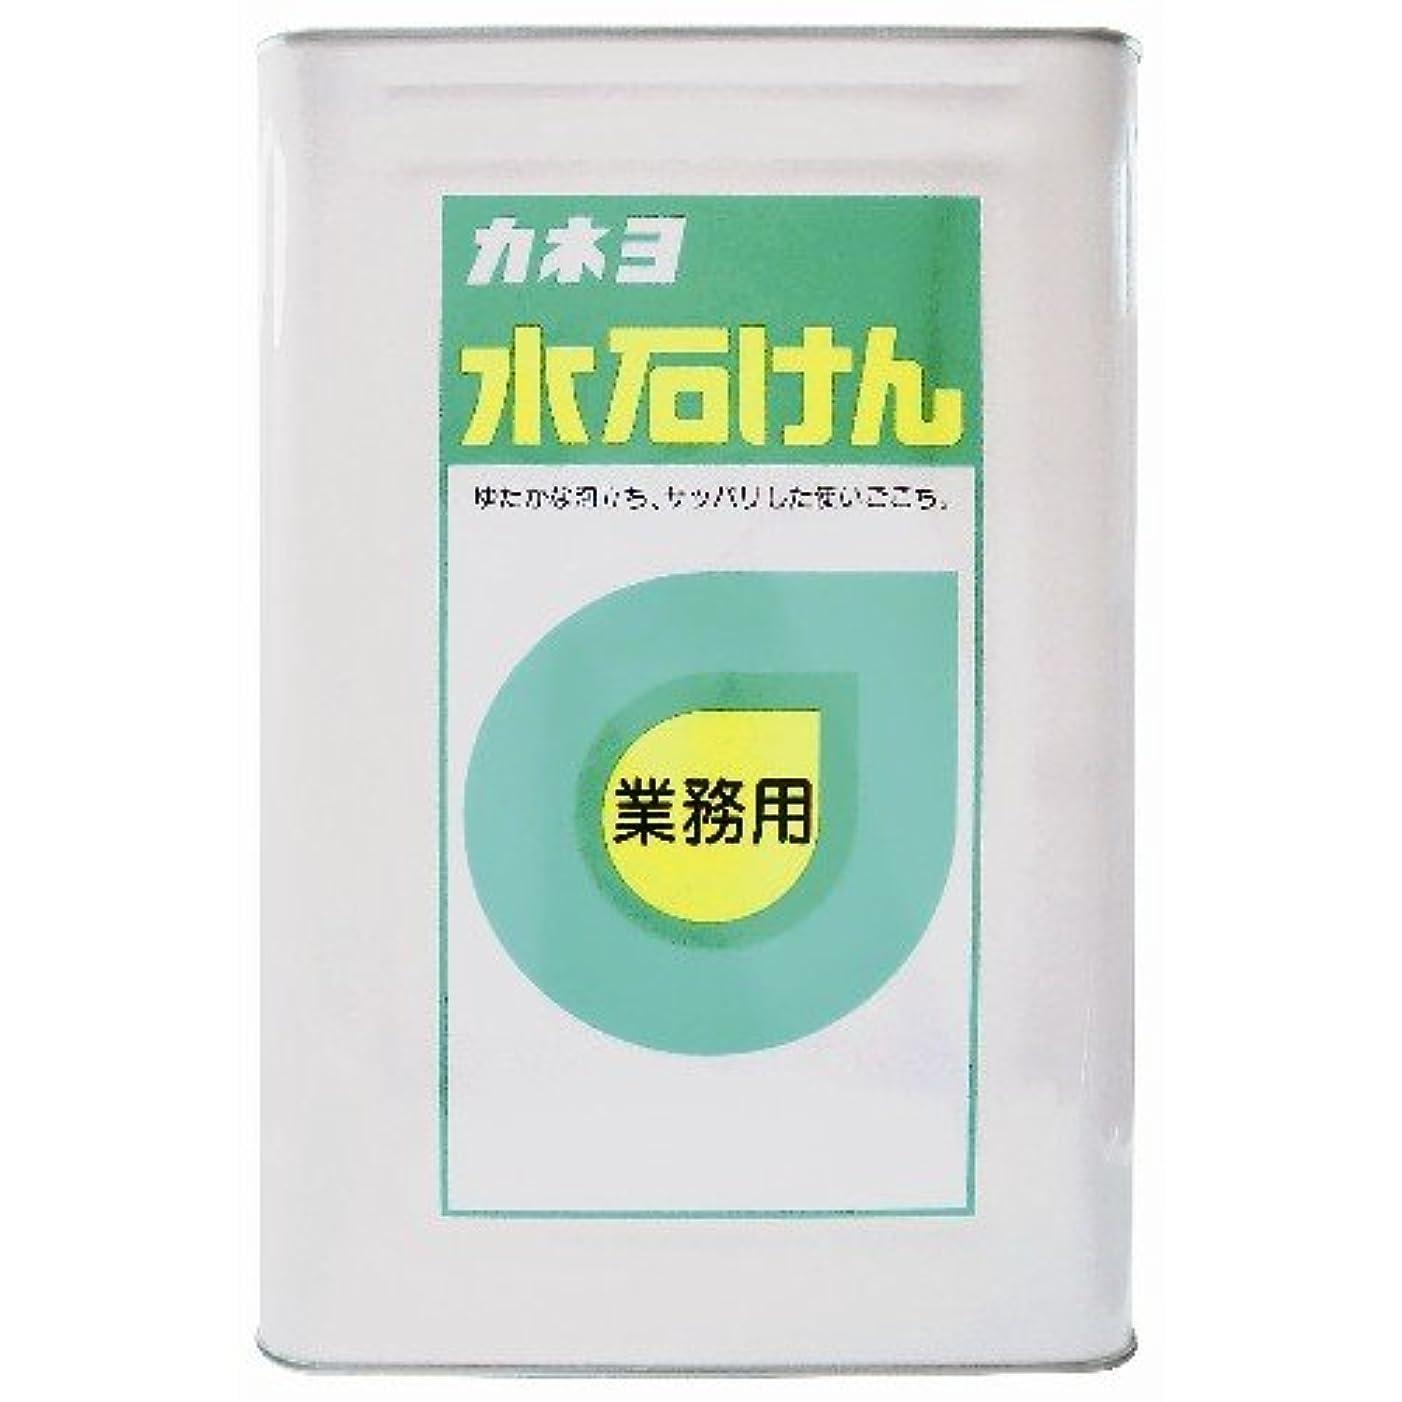 【大容量】 カネヨ石鹸 ハンドソープ 水石けん 液体 業務用 18L 一斗缶